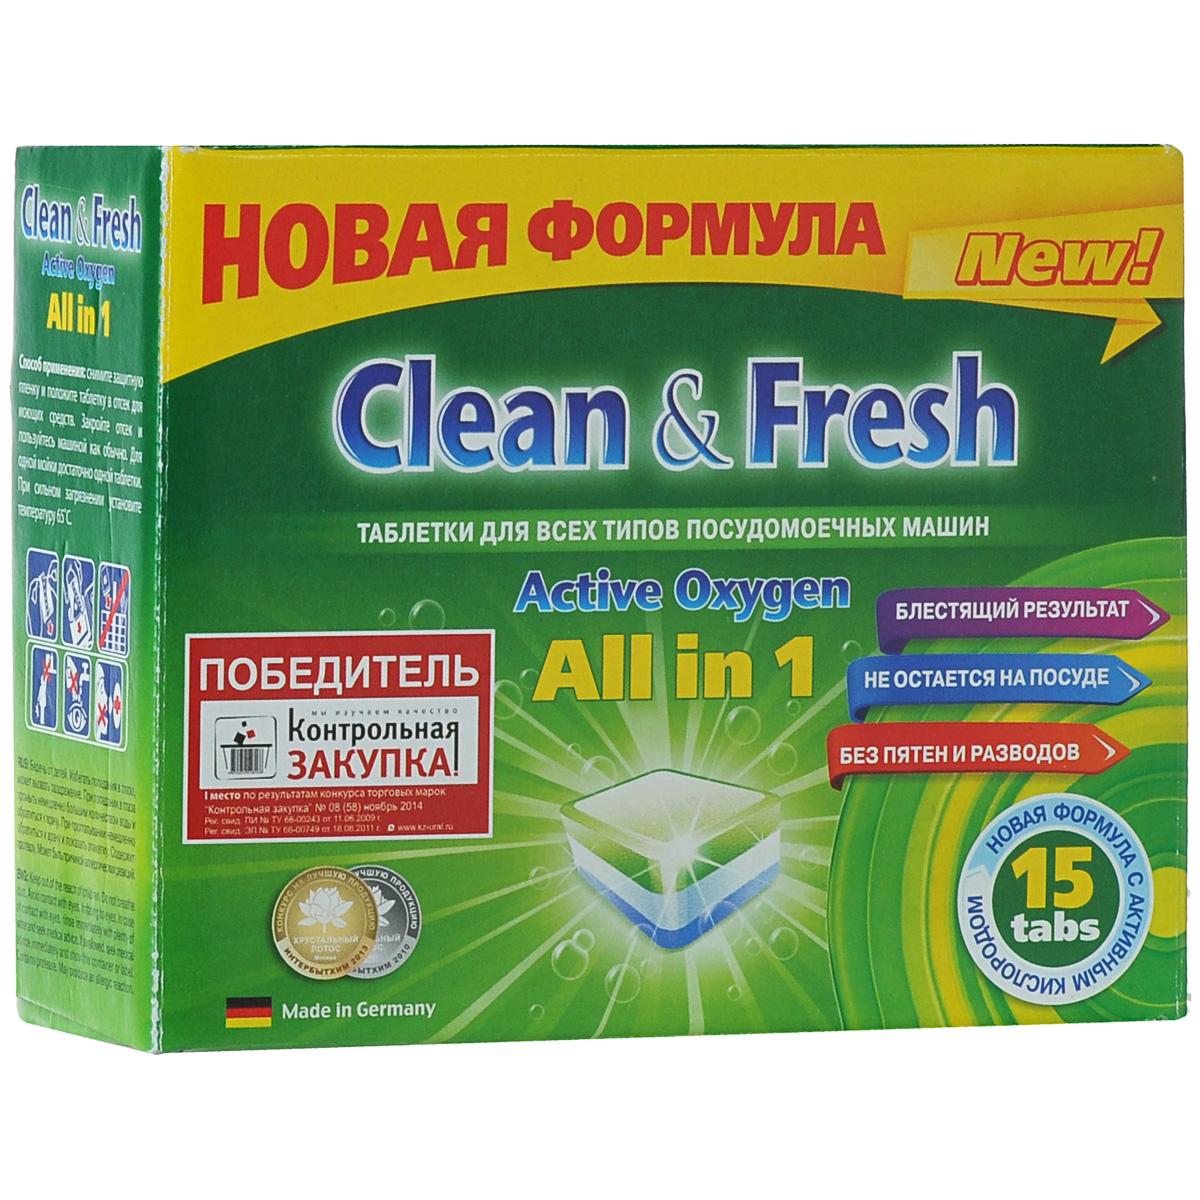 Таблетки для посудомоечных машин Clean & Fresh All in 1, с ароматом лимона, 15 шт10503Применение таблеток Clean & Fresh All in 1 облегчает использование посудомоечных машин. Дополнительные вещества, входящие в состав таблеток защищают машину от образования накипи на нагревательных элементах, способствуют лучшему результату при мытье посуды, существенно экономят ваше время. Удаляют даже самые сильные загрязнения. Таблетки Clean & Fresh All in 1 имеют четыре цветных слоя: зеленый - для лимонного запаха и защиты стекла от коррозии, синие микро-жемчужины - для блестящей посуды и сияющего стекла, белый - для защиты посудомоечной машины от образования накипи и наслоений извести, синий - сила очистки с активным кислородом. Достаточно поместить одну таблетку в дозатор посудомоечной машины и посуда приобретает идеальную чистоту и свежесть, без разводов и известковых пятен.Вес одной таблетки: 20 г.Количество таблеток в упаковке: 30 шт.Состав таблеток: триполифосфат натрия - более 30%; карбонат натрия, бикарбонат натрия - 15-30%; перкарбонат натрия - 5-15%; силикат натрия, поликарбоксилаты, неионные ПАВ, ТАЕД, энзимы, фосфонаты, отдушка, краситель - менее 5%.